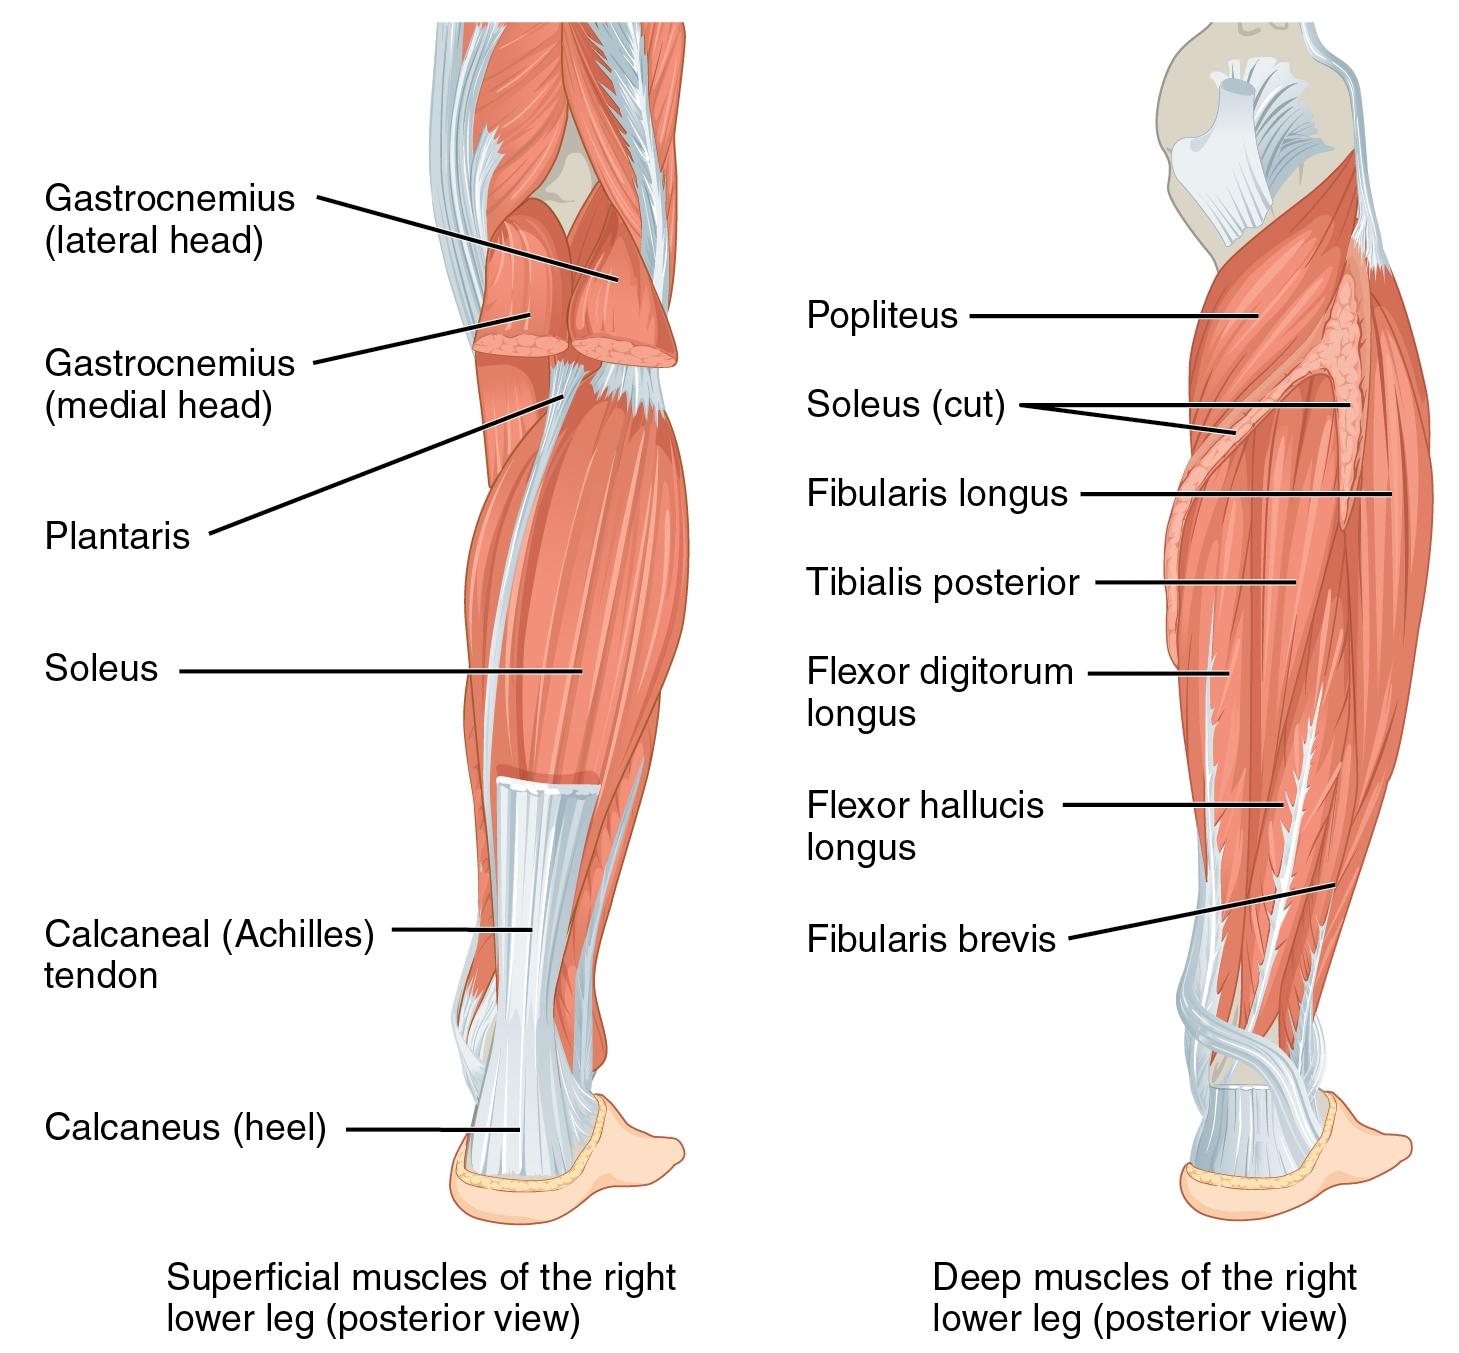 Fantastisch Anatomie Lernen Com Ideen - Anatomie Und Physiologie ...